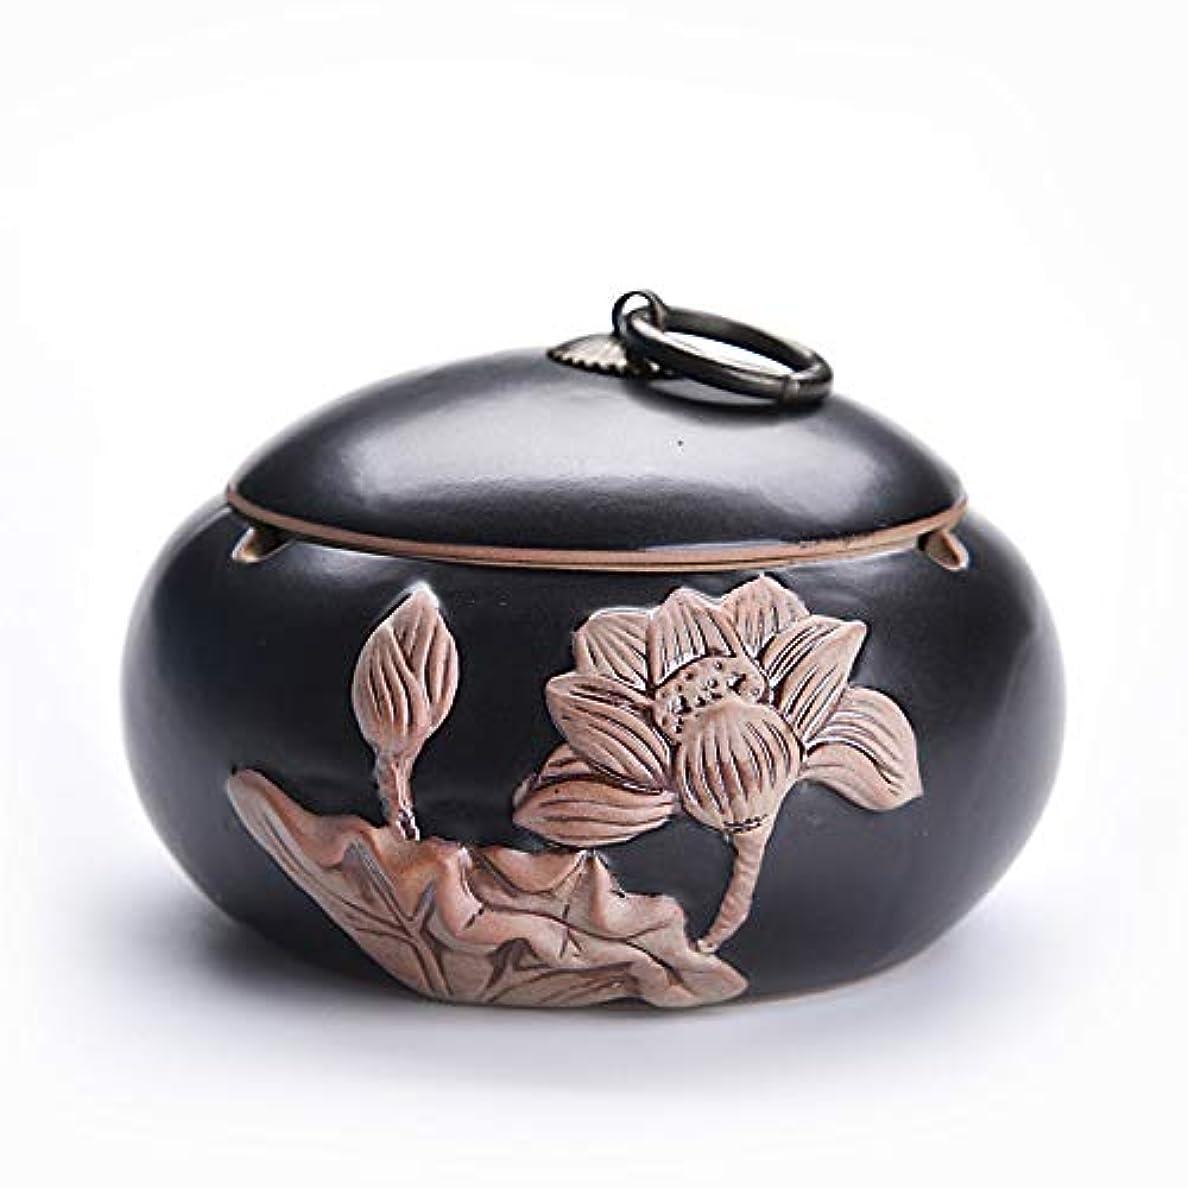 位置づける他のバンドで暗唱する中国のレトロな創造的な鍋形セラミック灰皿ふた付き